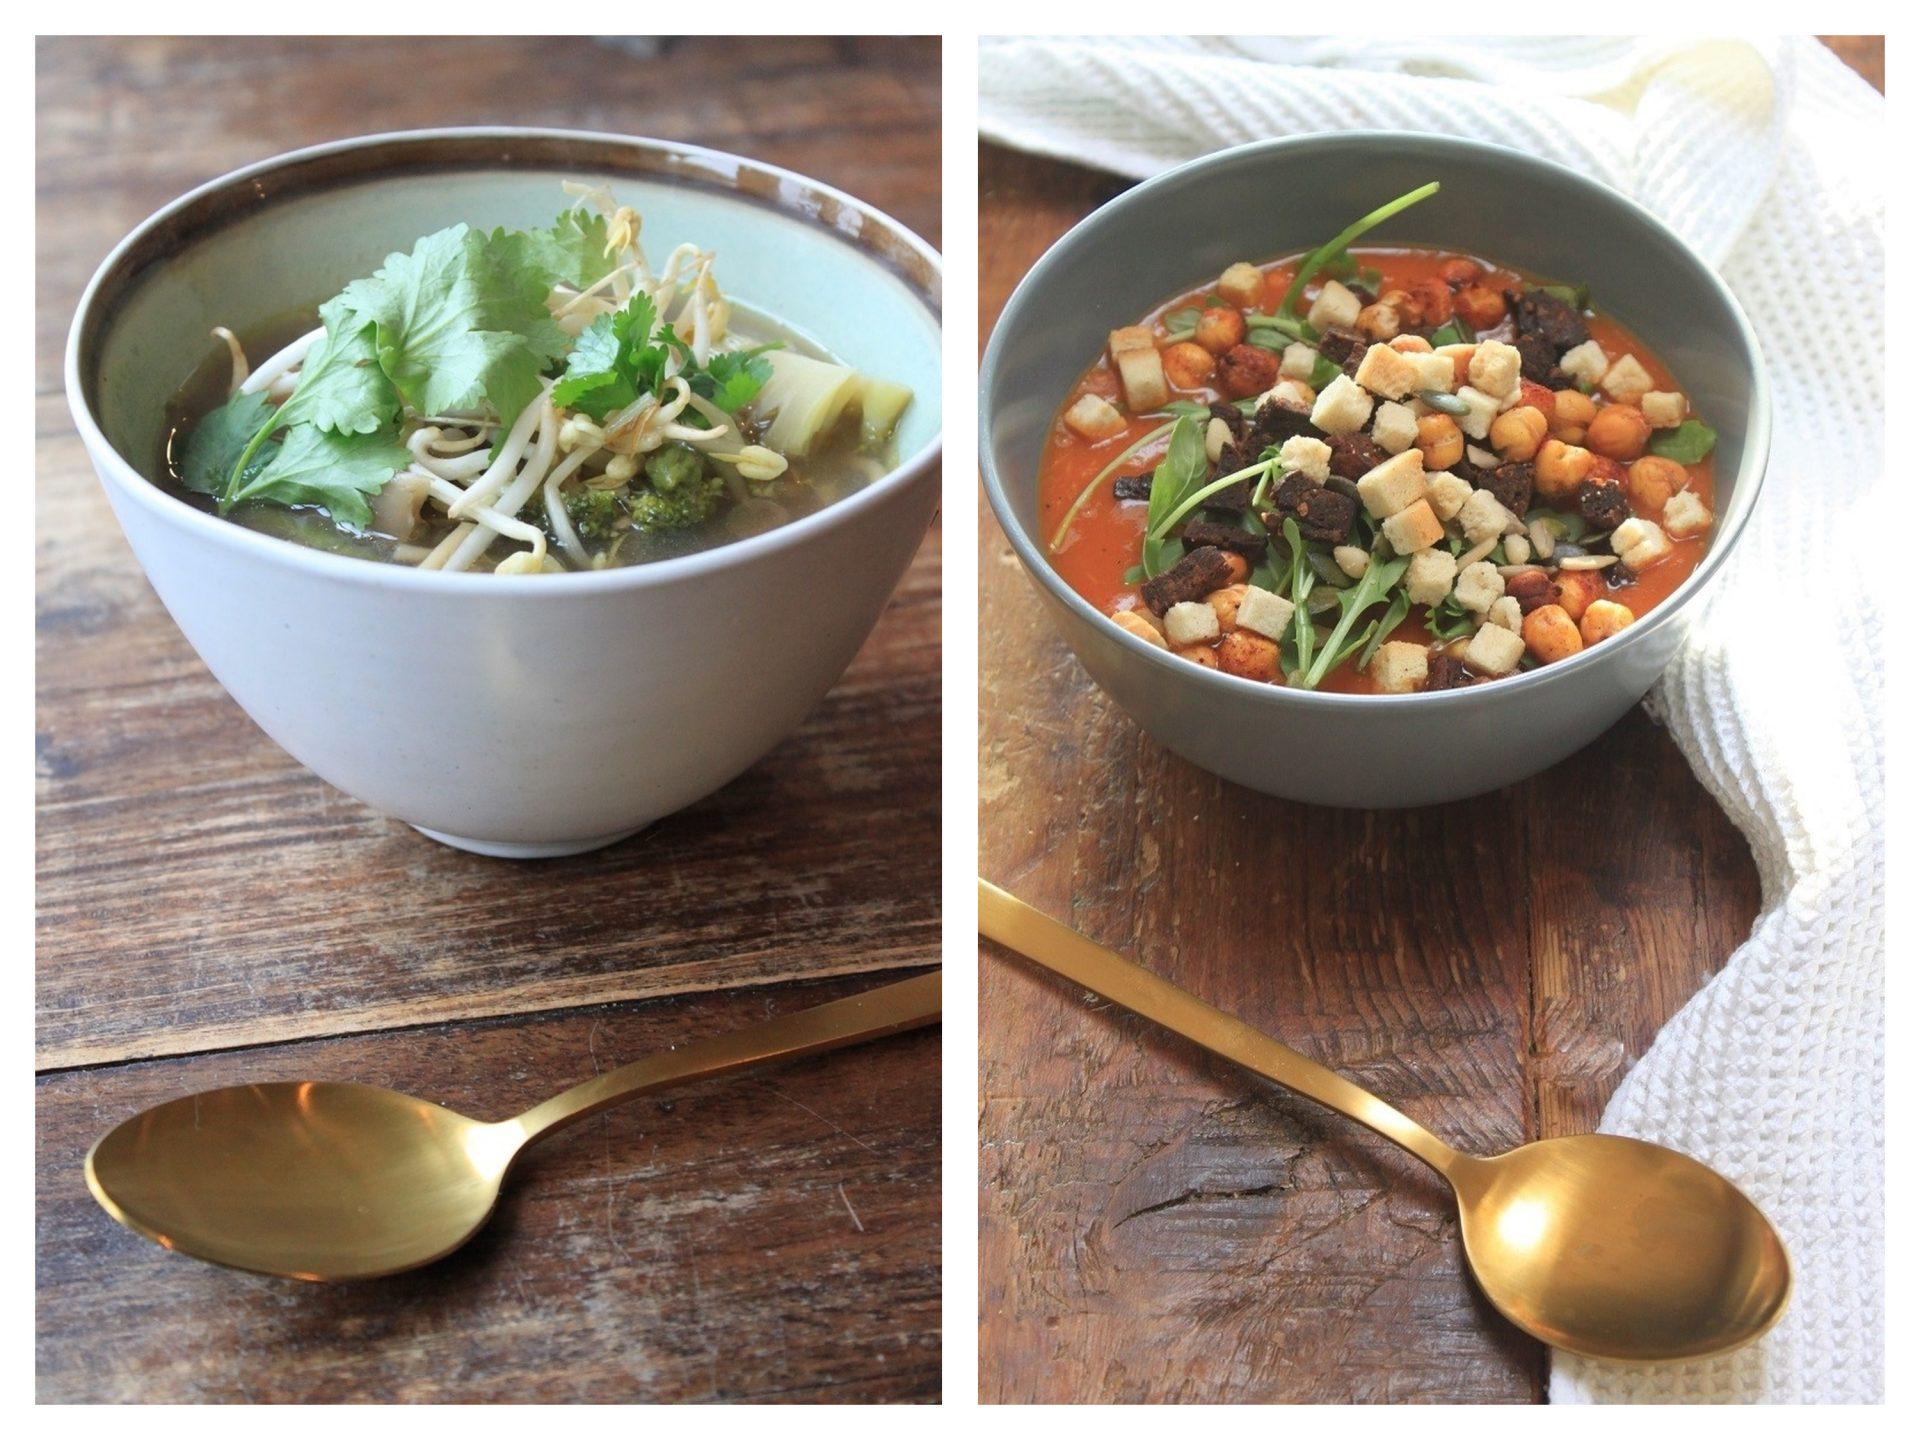 Soeprecepten van Foodblog Foodinista van preisoep tot bruine bonensoep